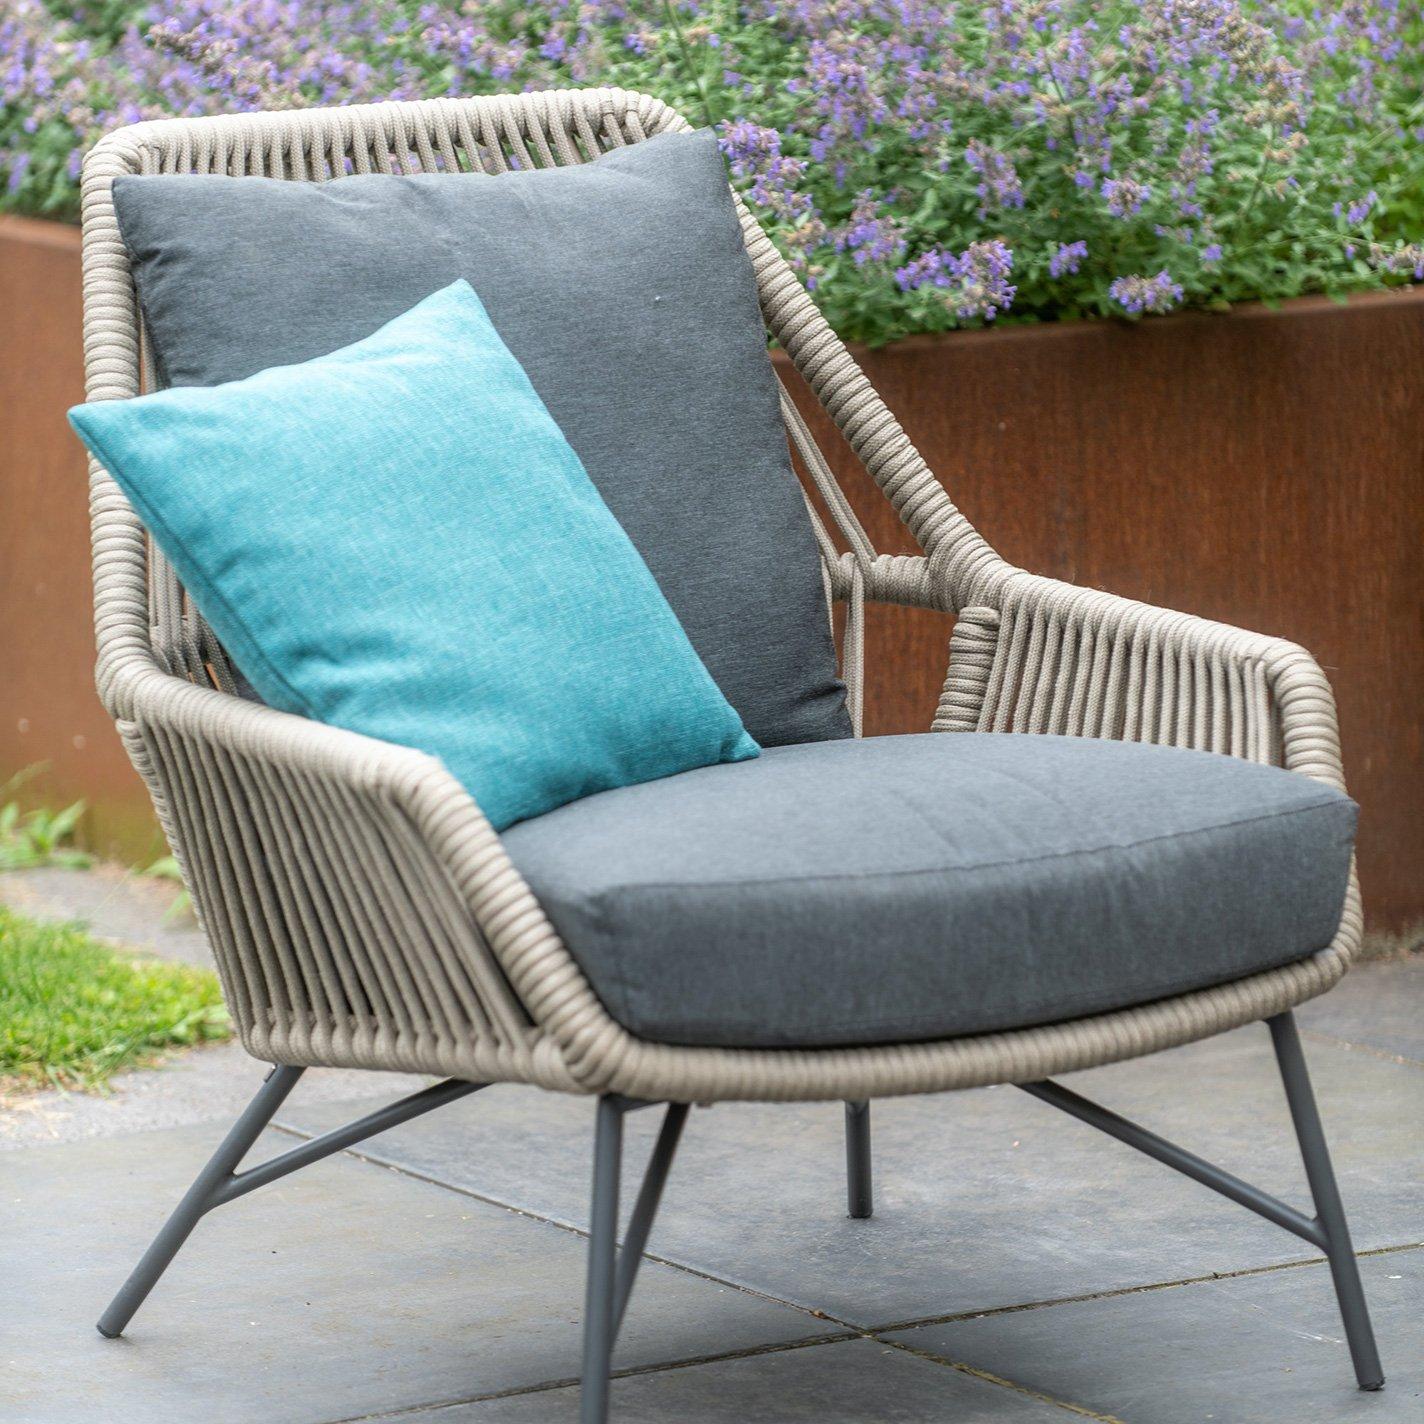 Gartenstuhl mit blauem Kissen